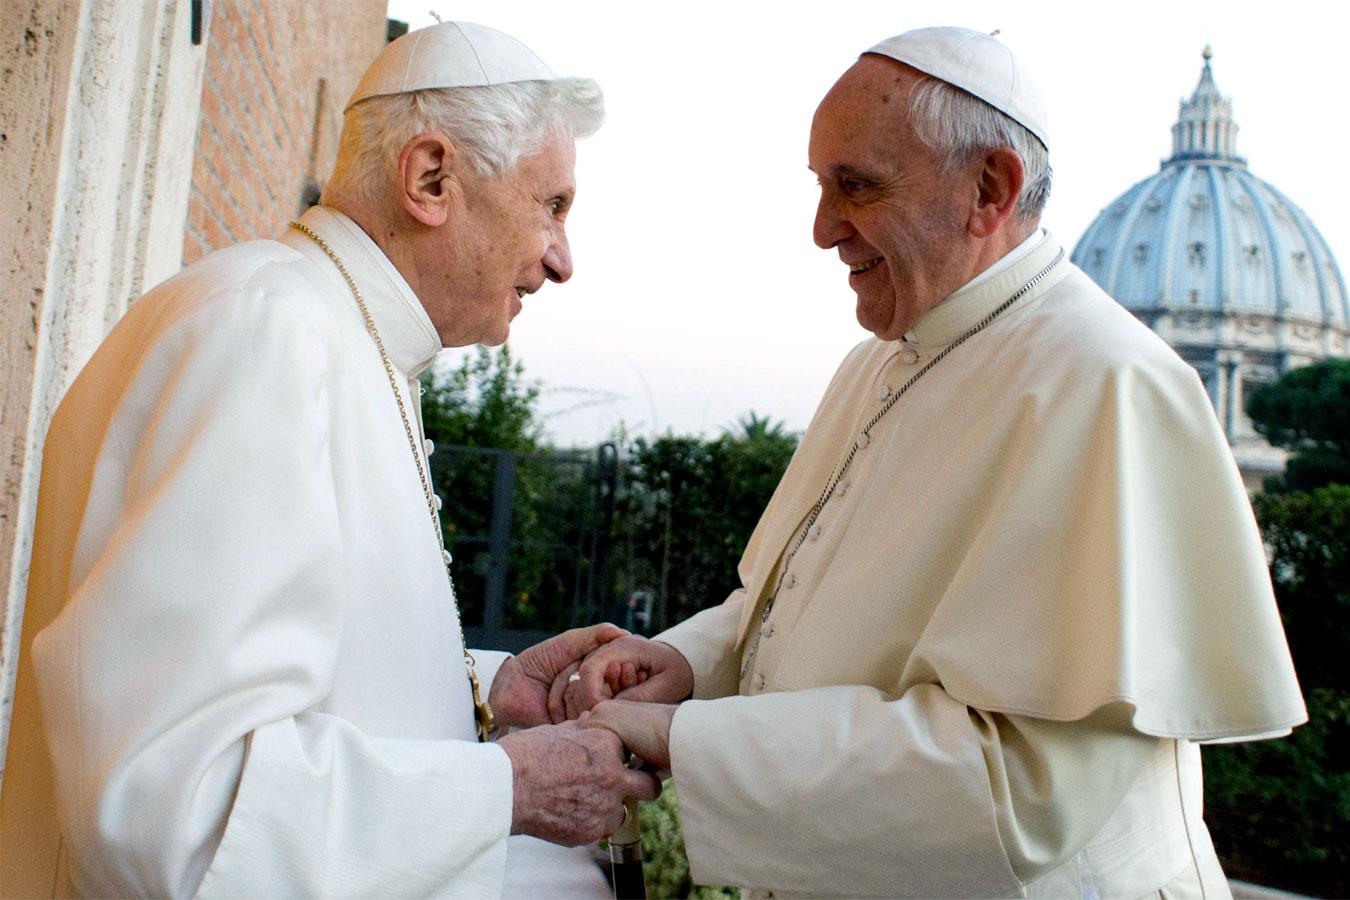 11 febbraio 2013: il papa non muore e se ne fa un altro. (di Giampaolo Cassitta)